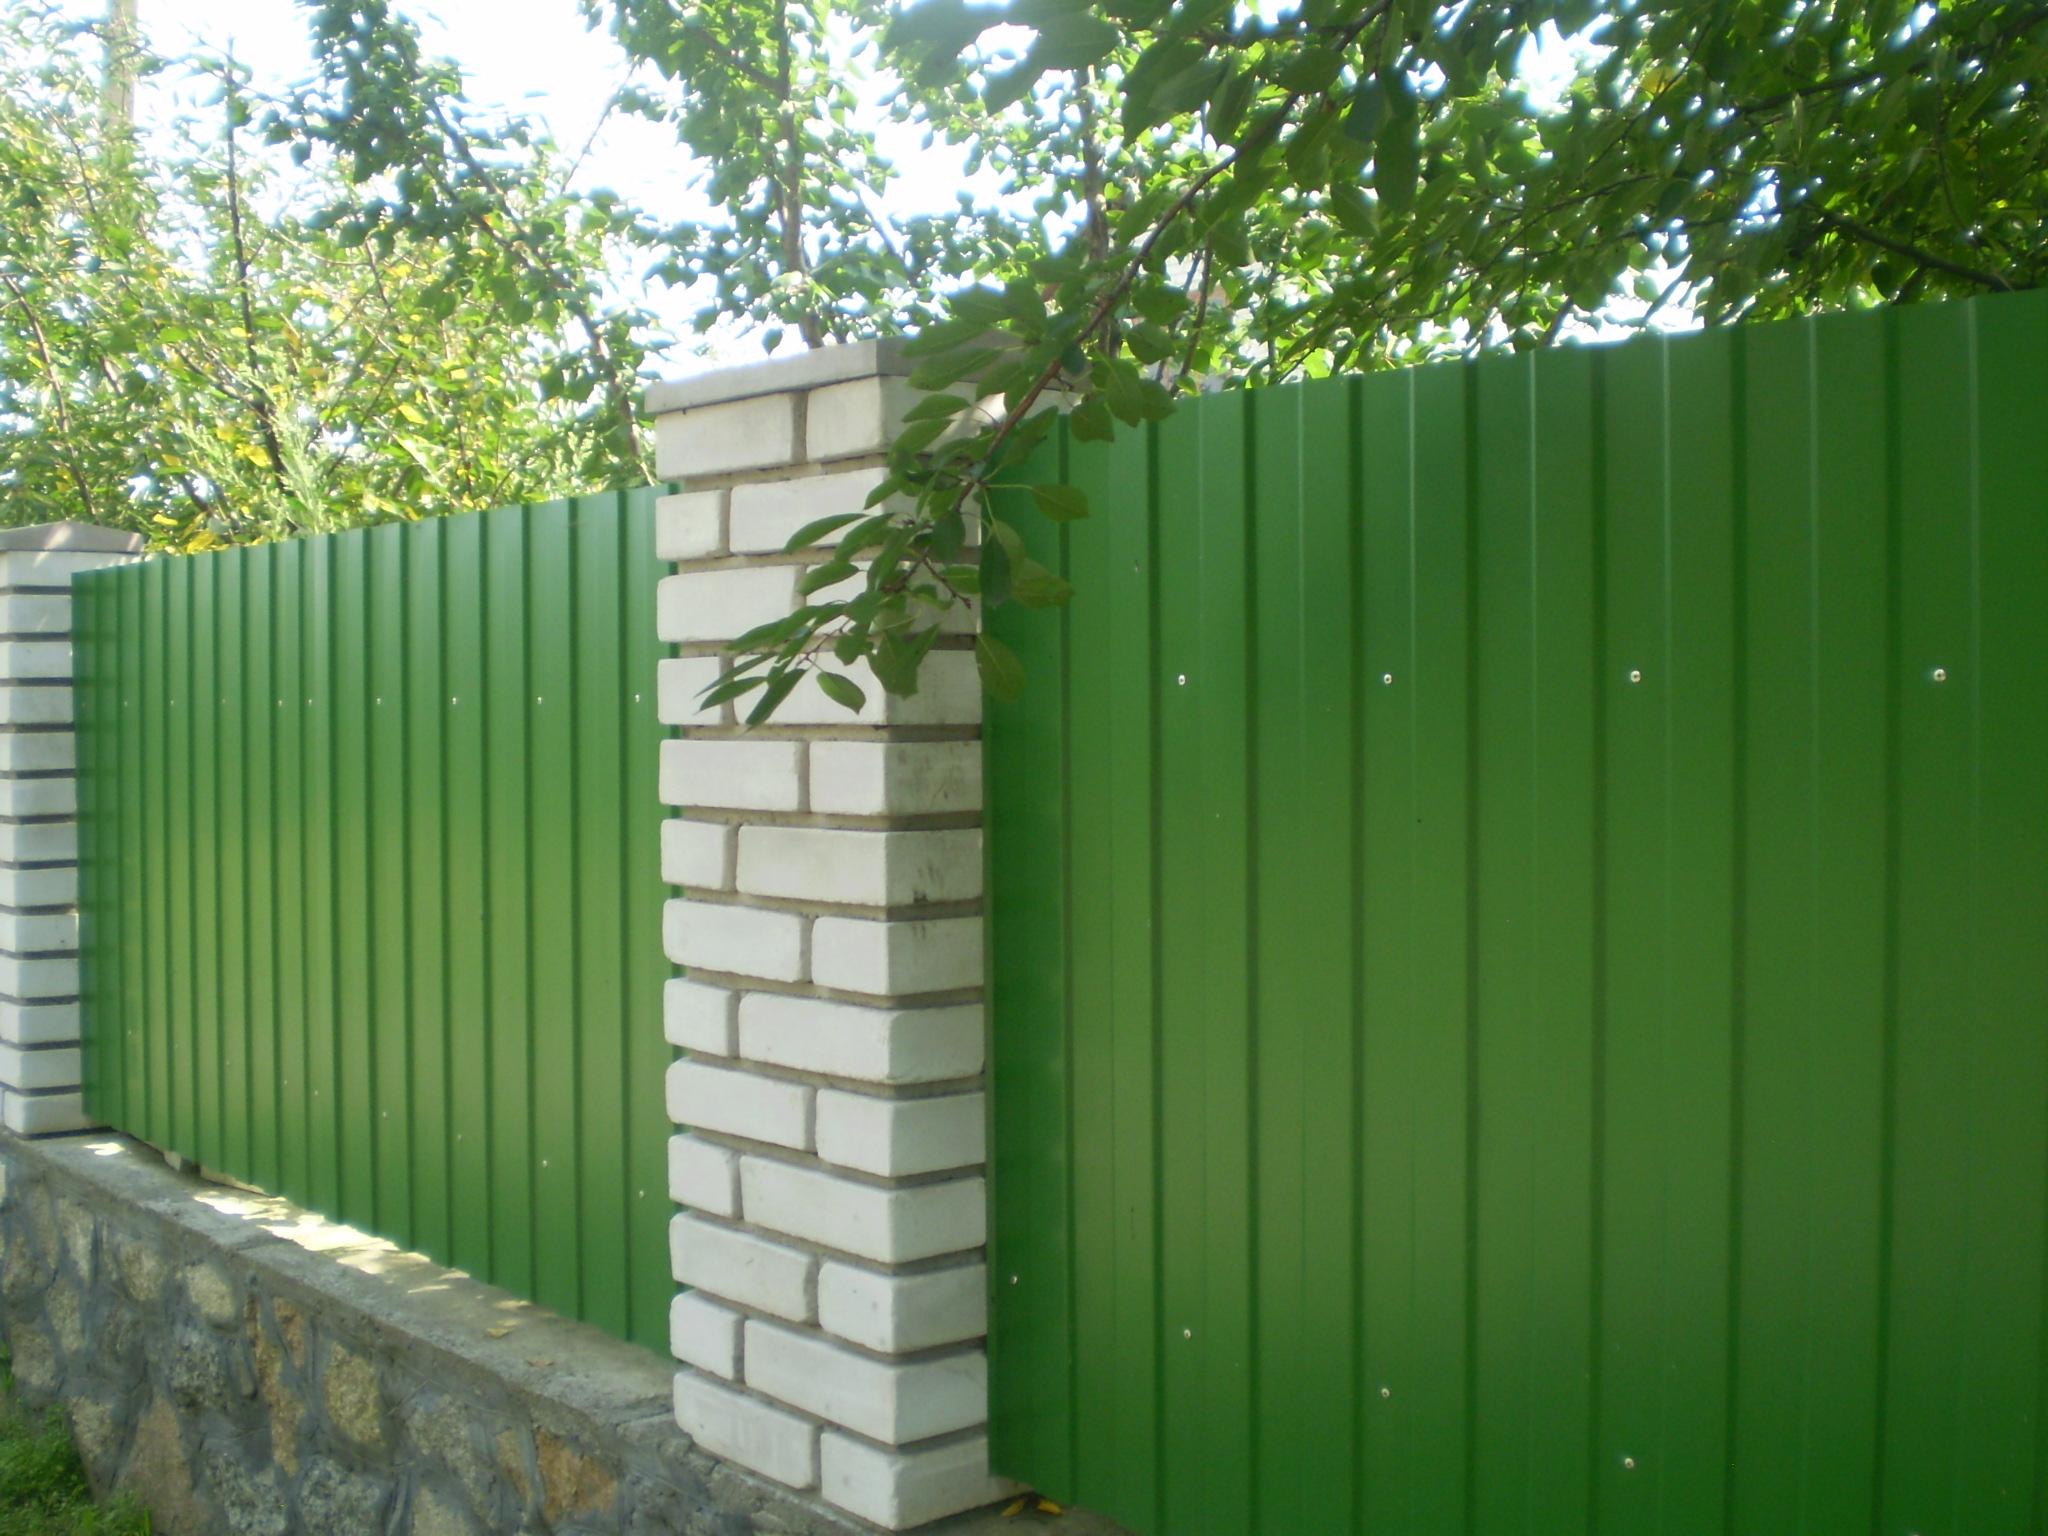 Забор из зеленого профнастила фото 3